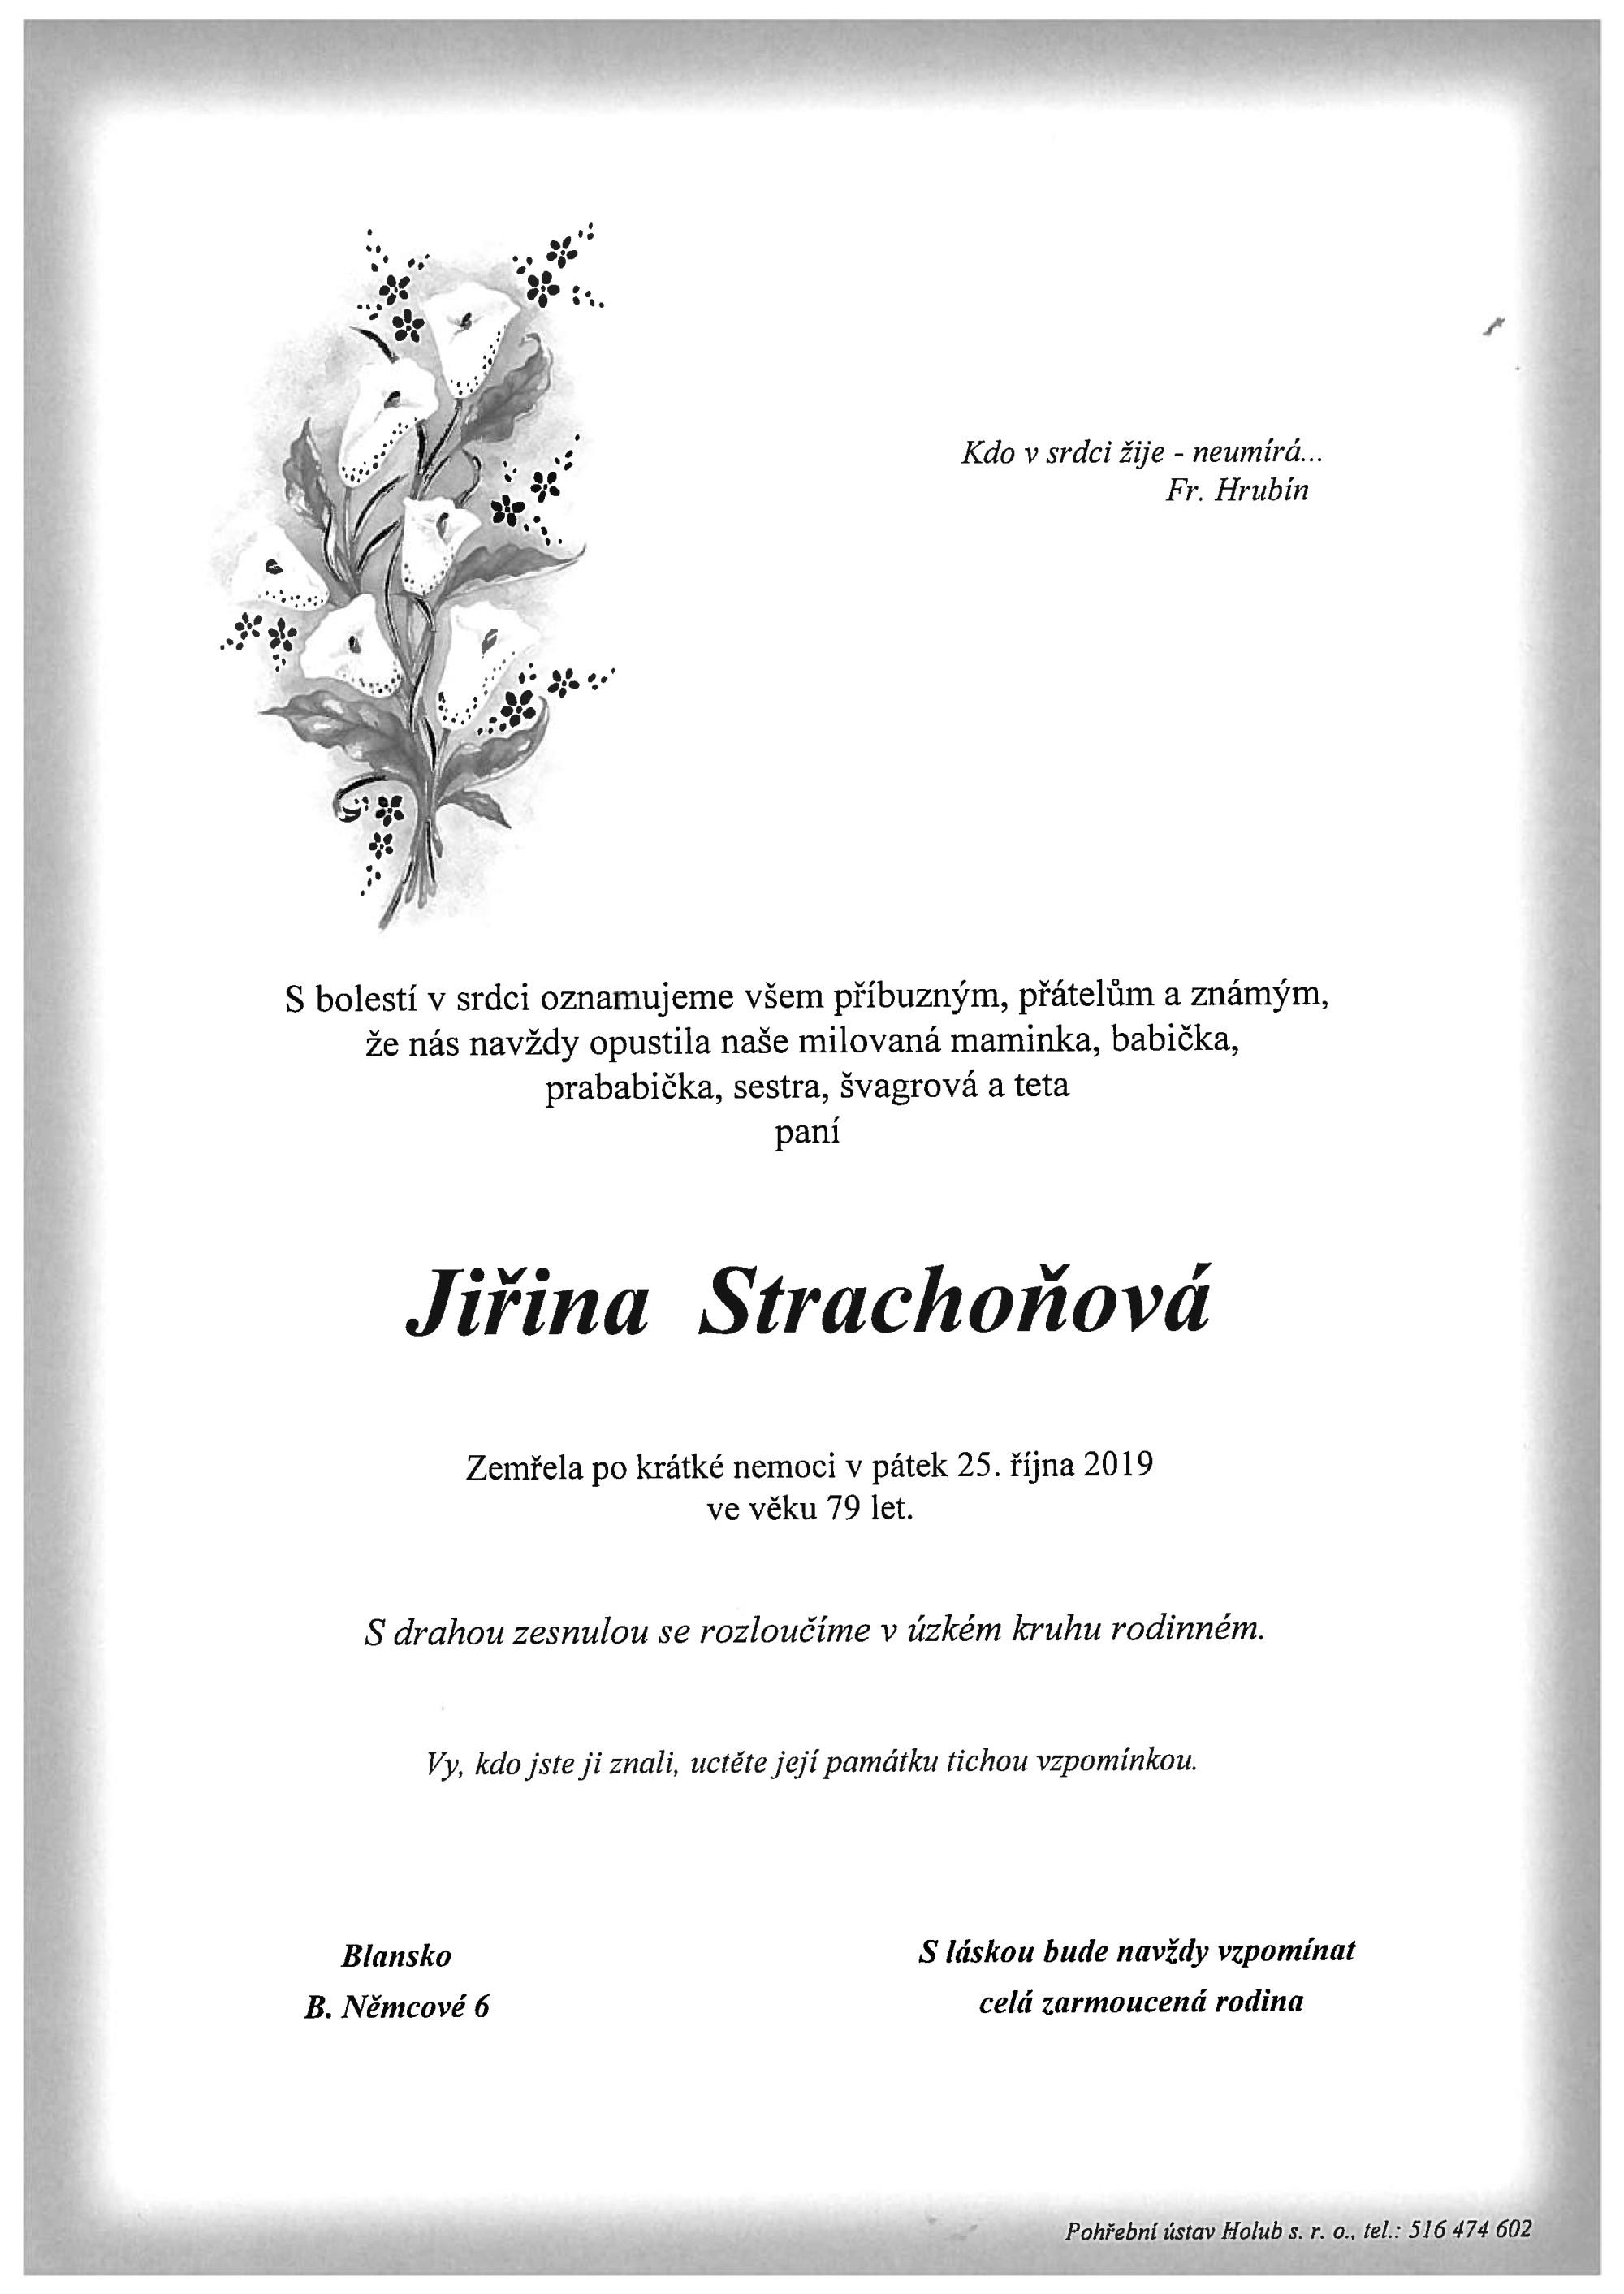 Jiřina Strachoňová